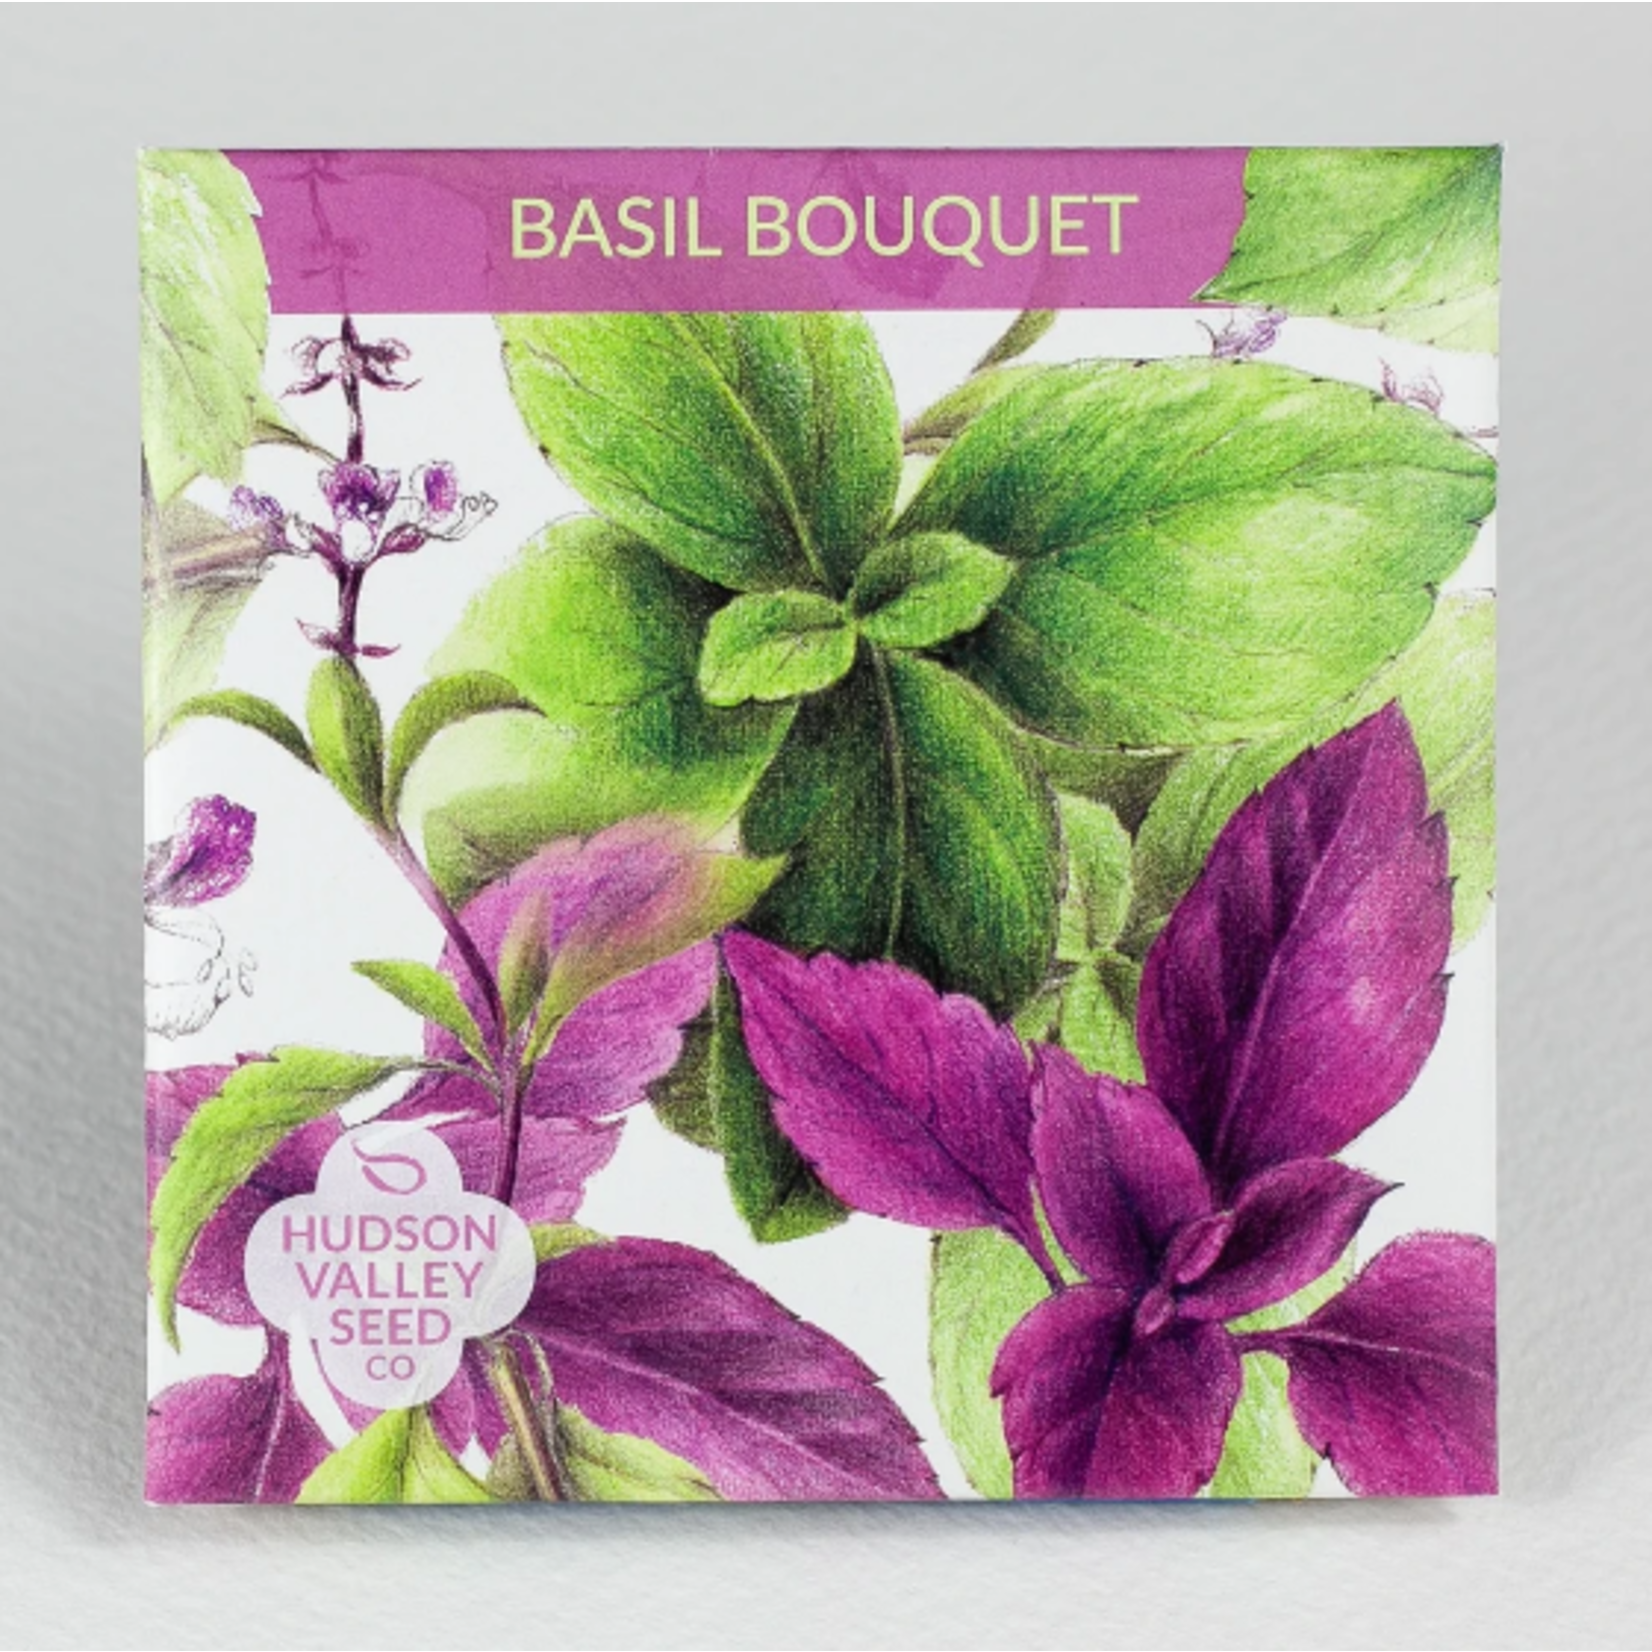 Hudson Valley Seeds Basil Bouquet Seeds